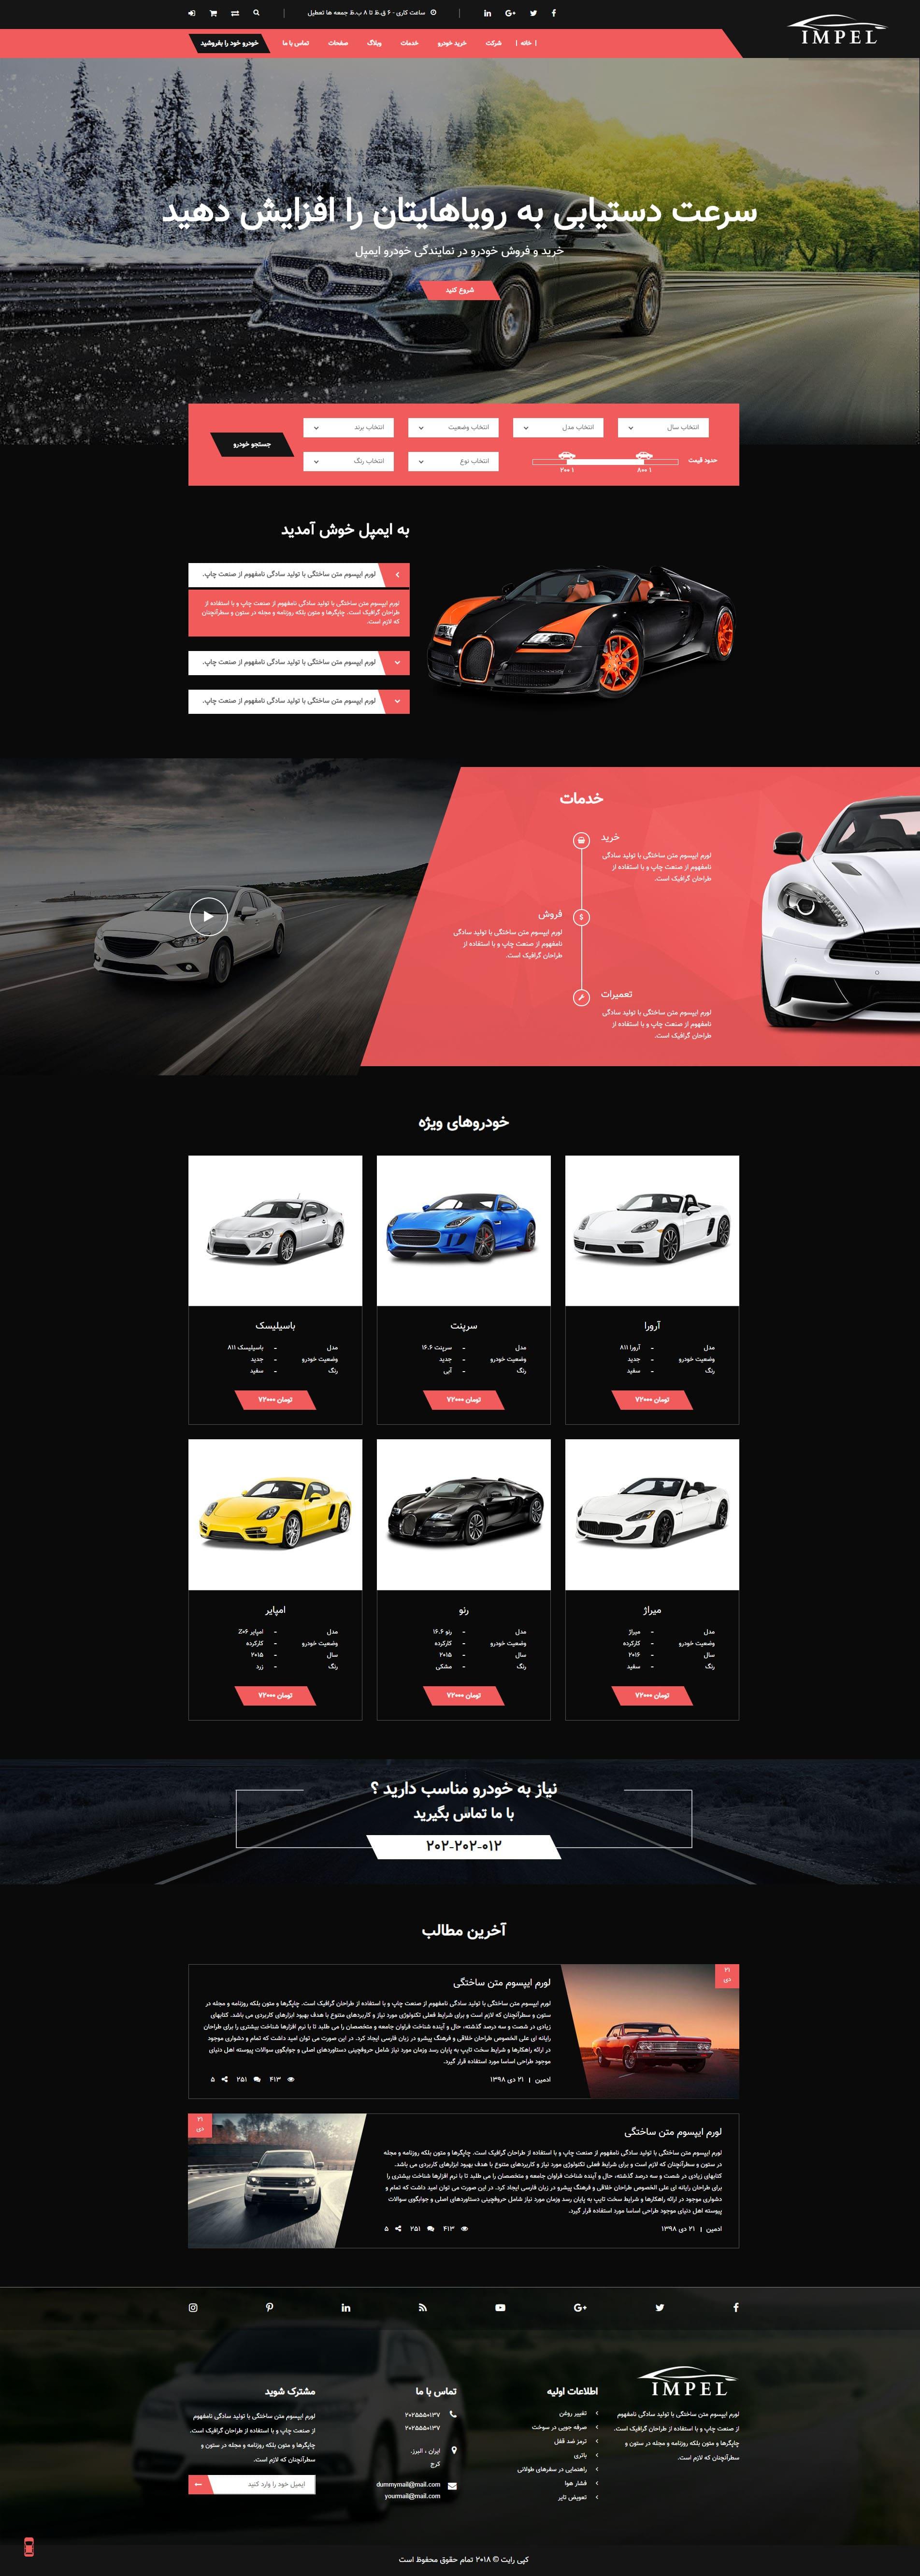 قالب فروش خودرو Impel پوسته HTML فروشگاهی حرفه ای